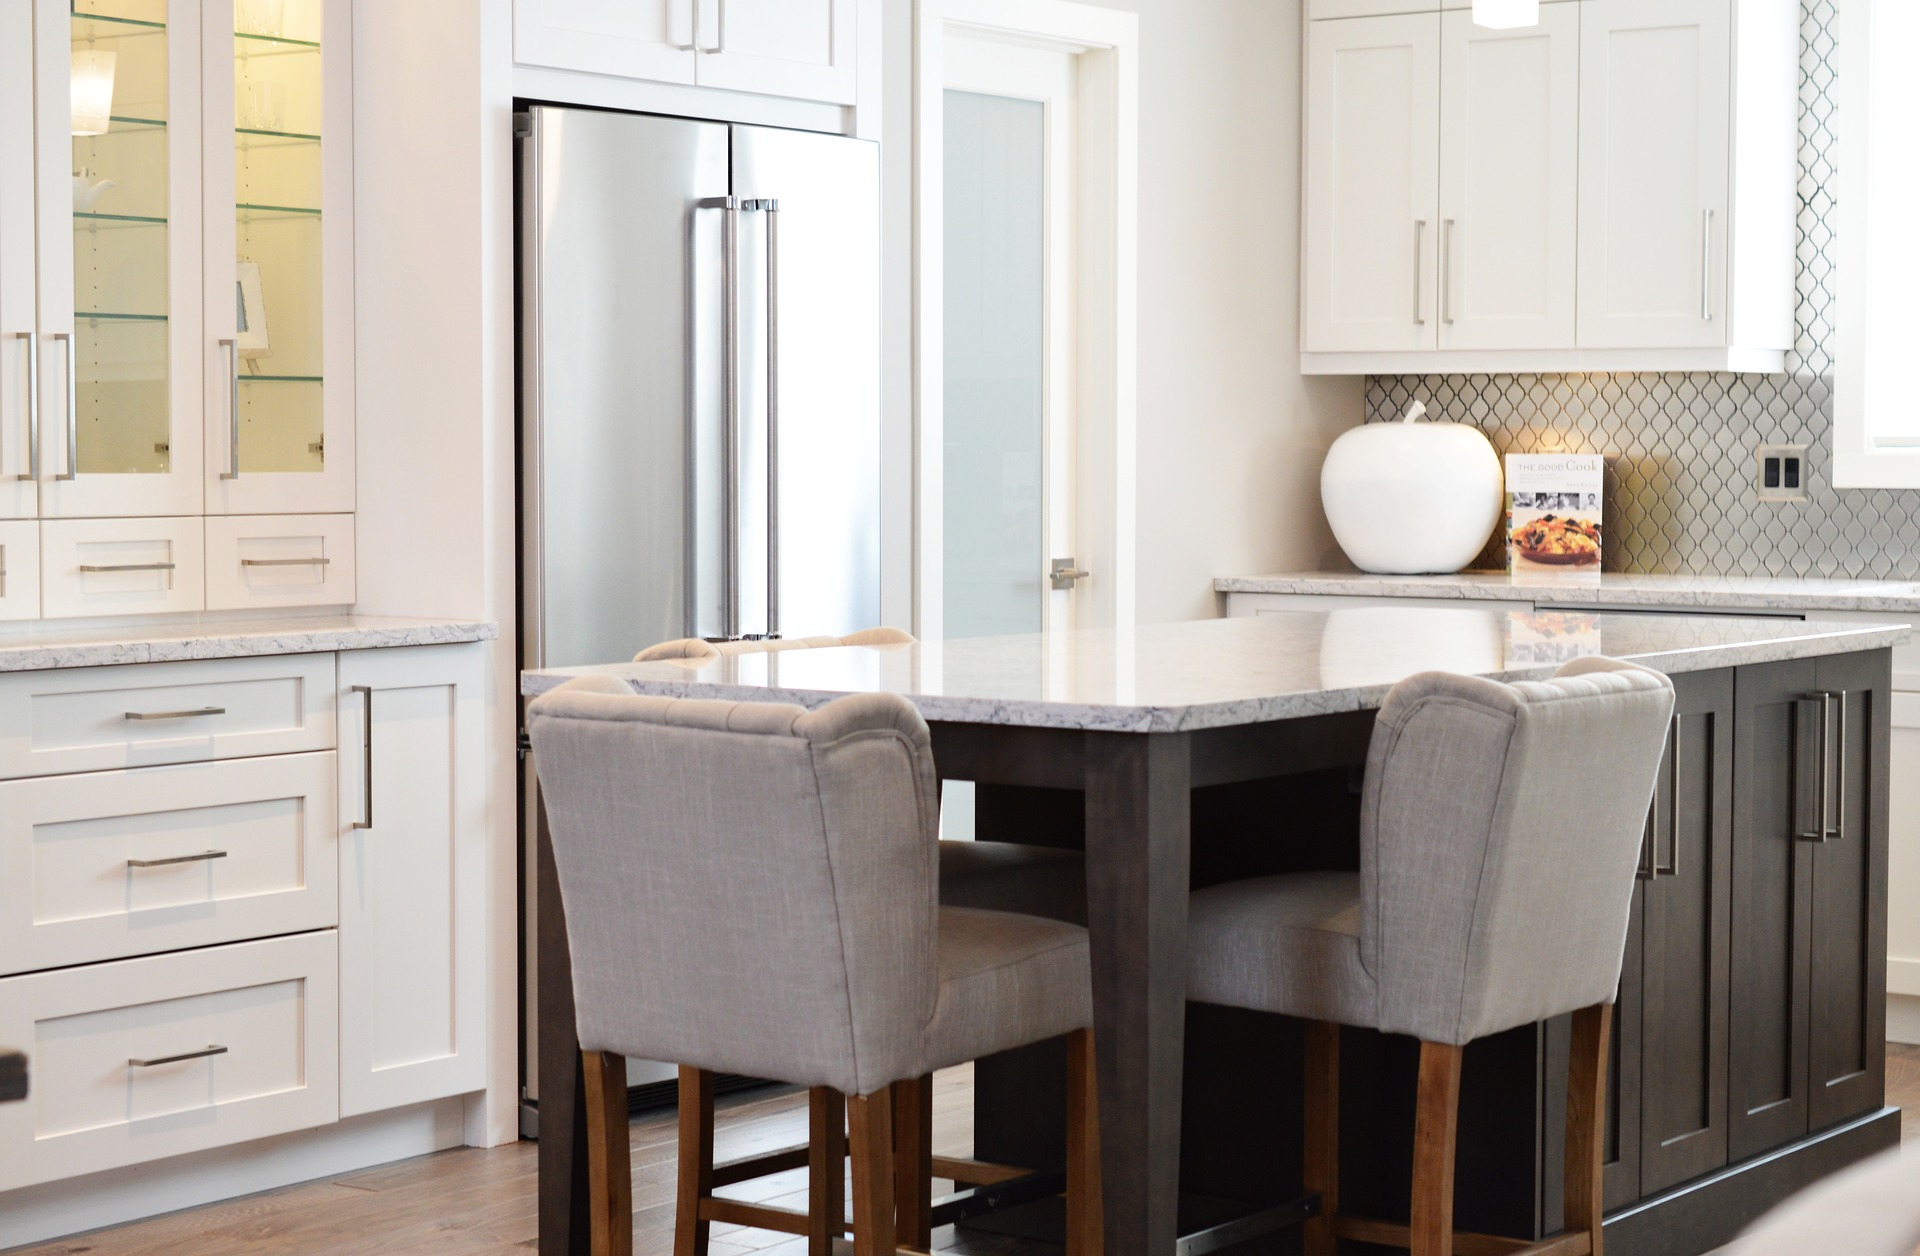 kitchen-2174593_1920.jpg